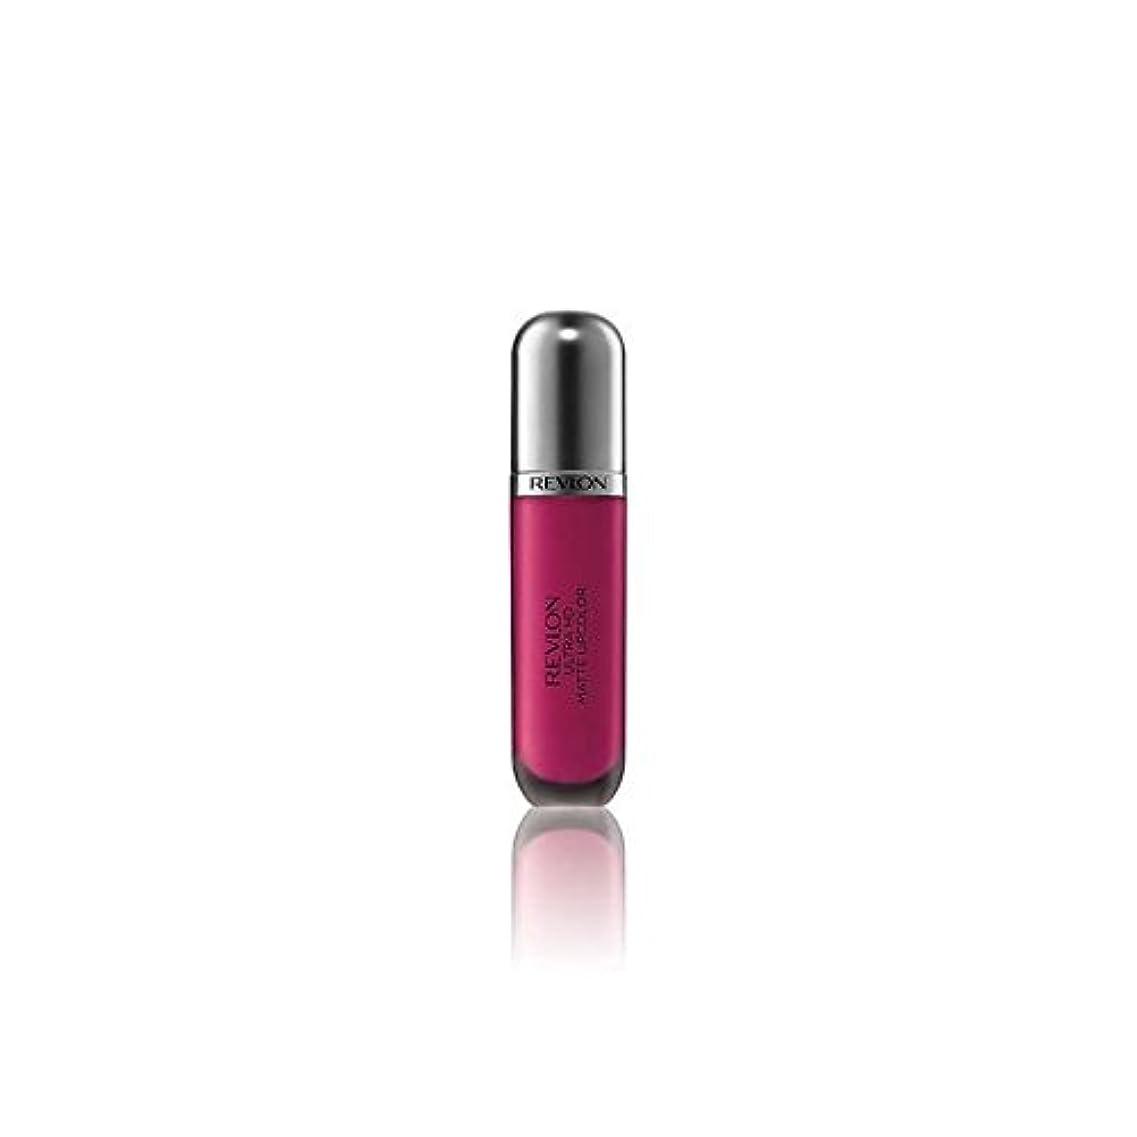 備品アシスト金属Revlon Ultra HD Matte Lipstick Addiction 5.9ml (Pack of 6) - レブロンウルトラマット口紅中毒5.9ミリリットル x6 [並行輸入品]